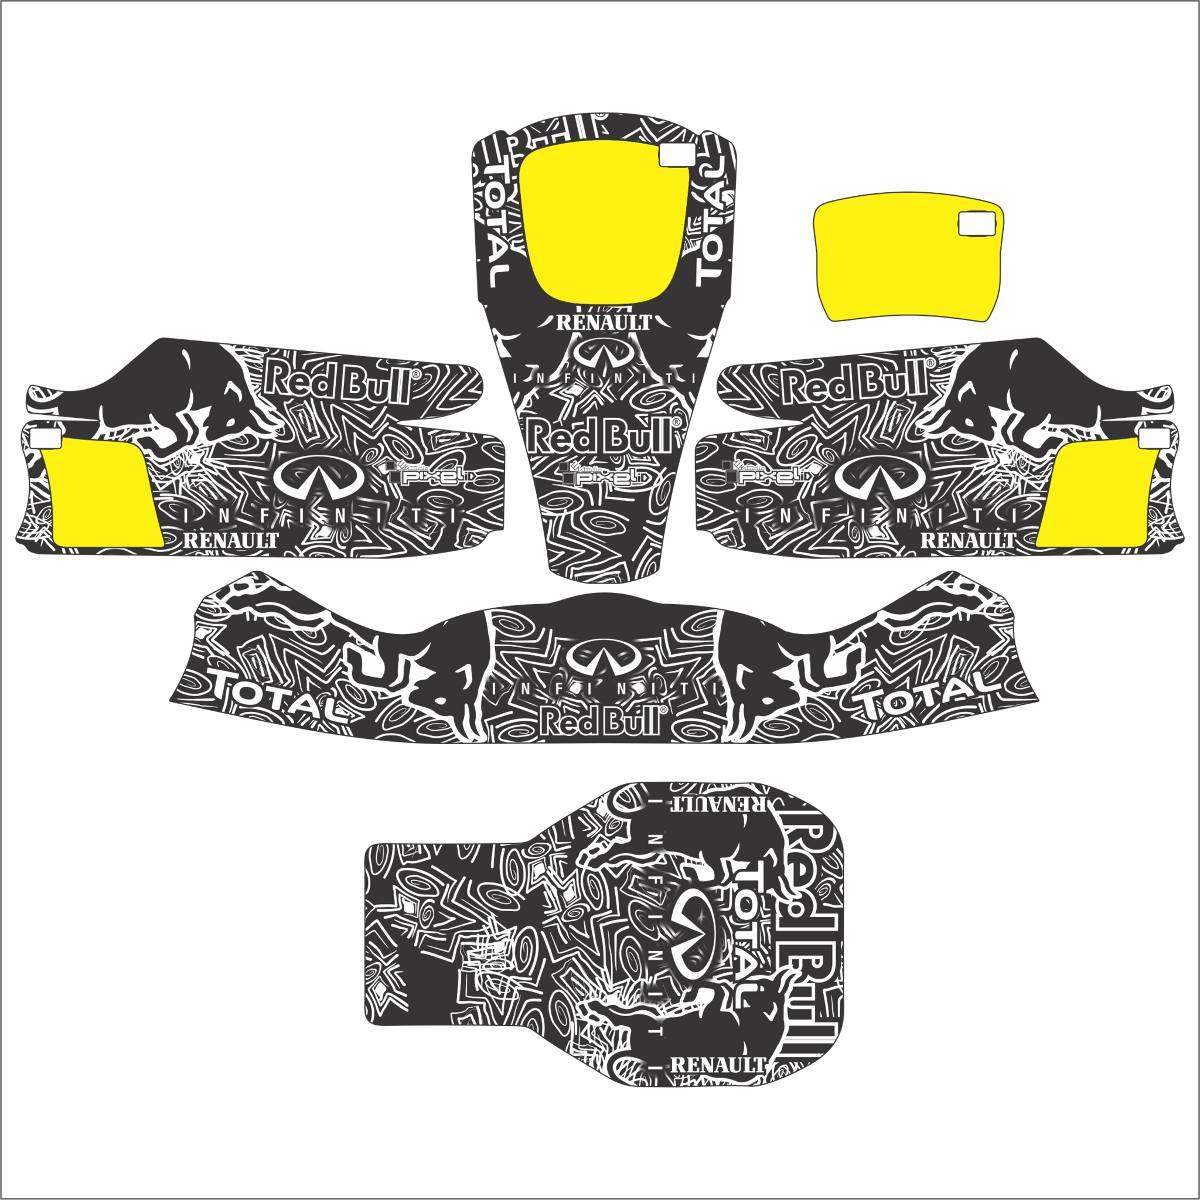 Adesivos Kart - Réplica F1 Red Bull Racing Black - R  350 de5af1c039fea